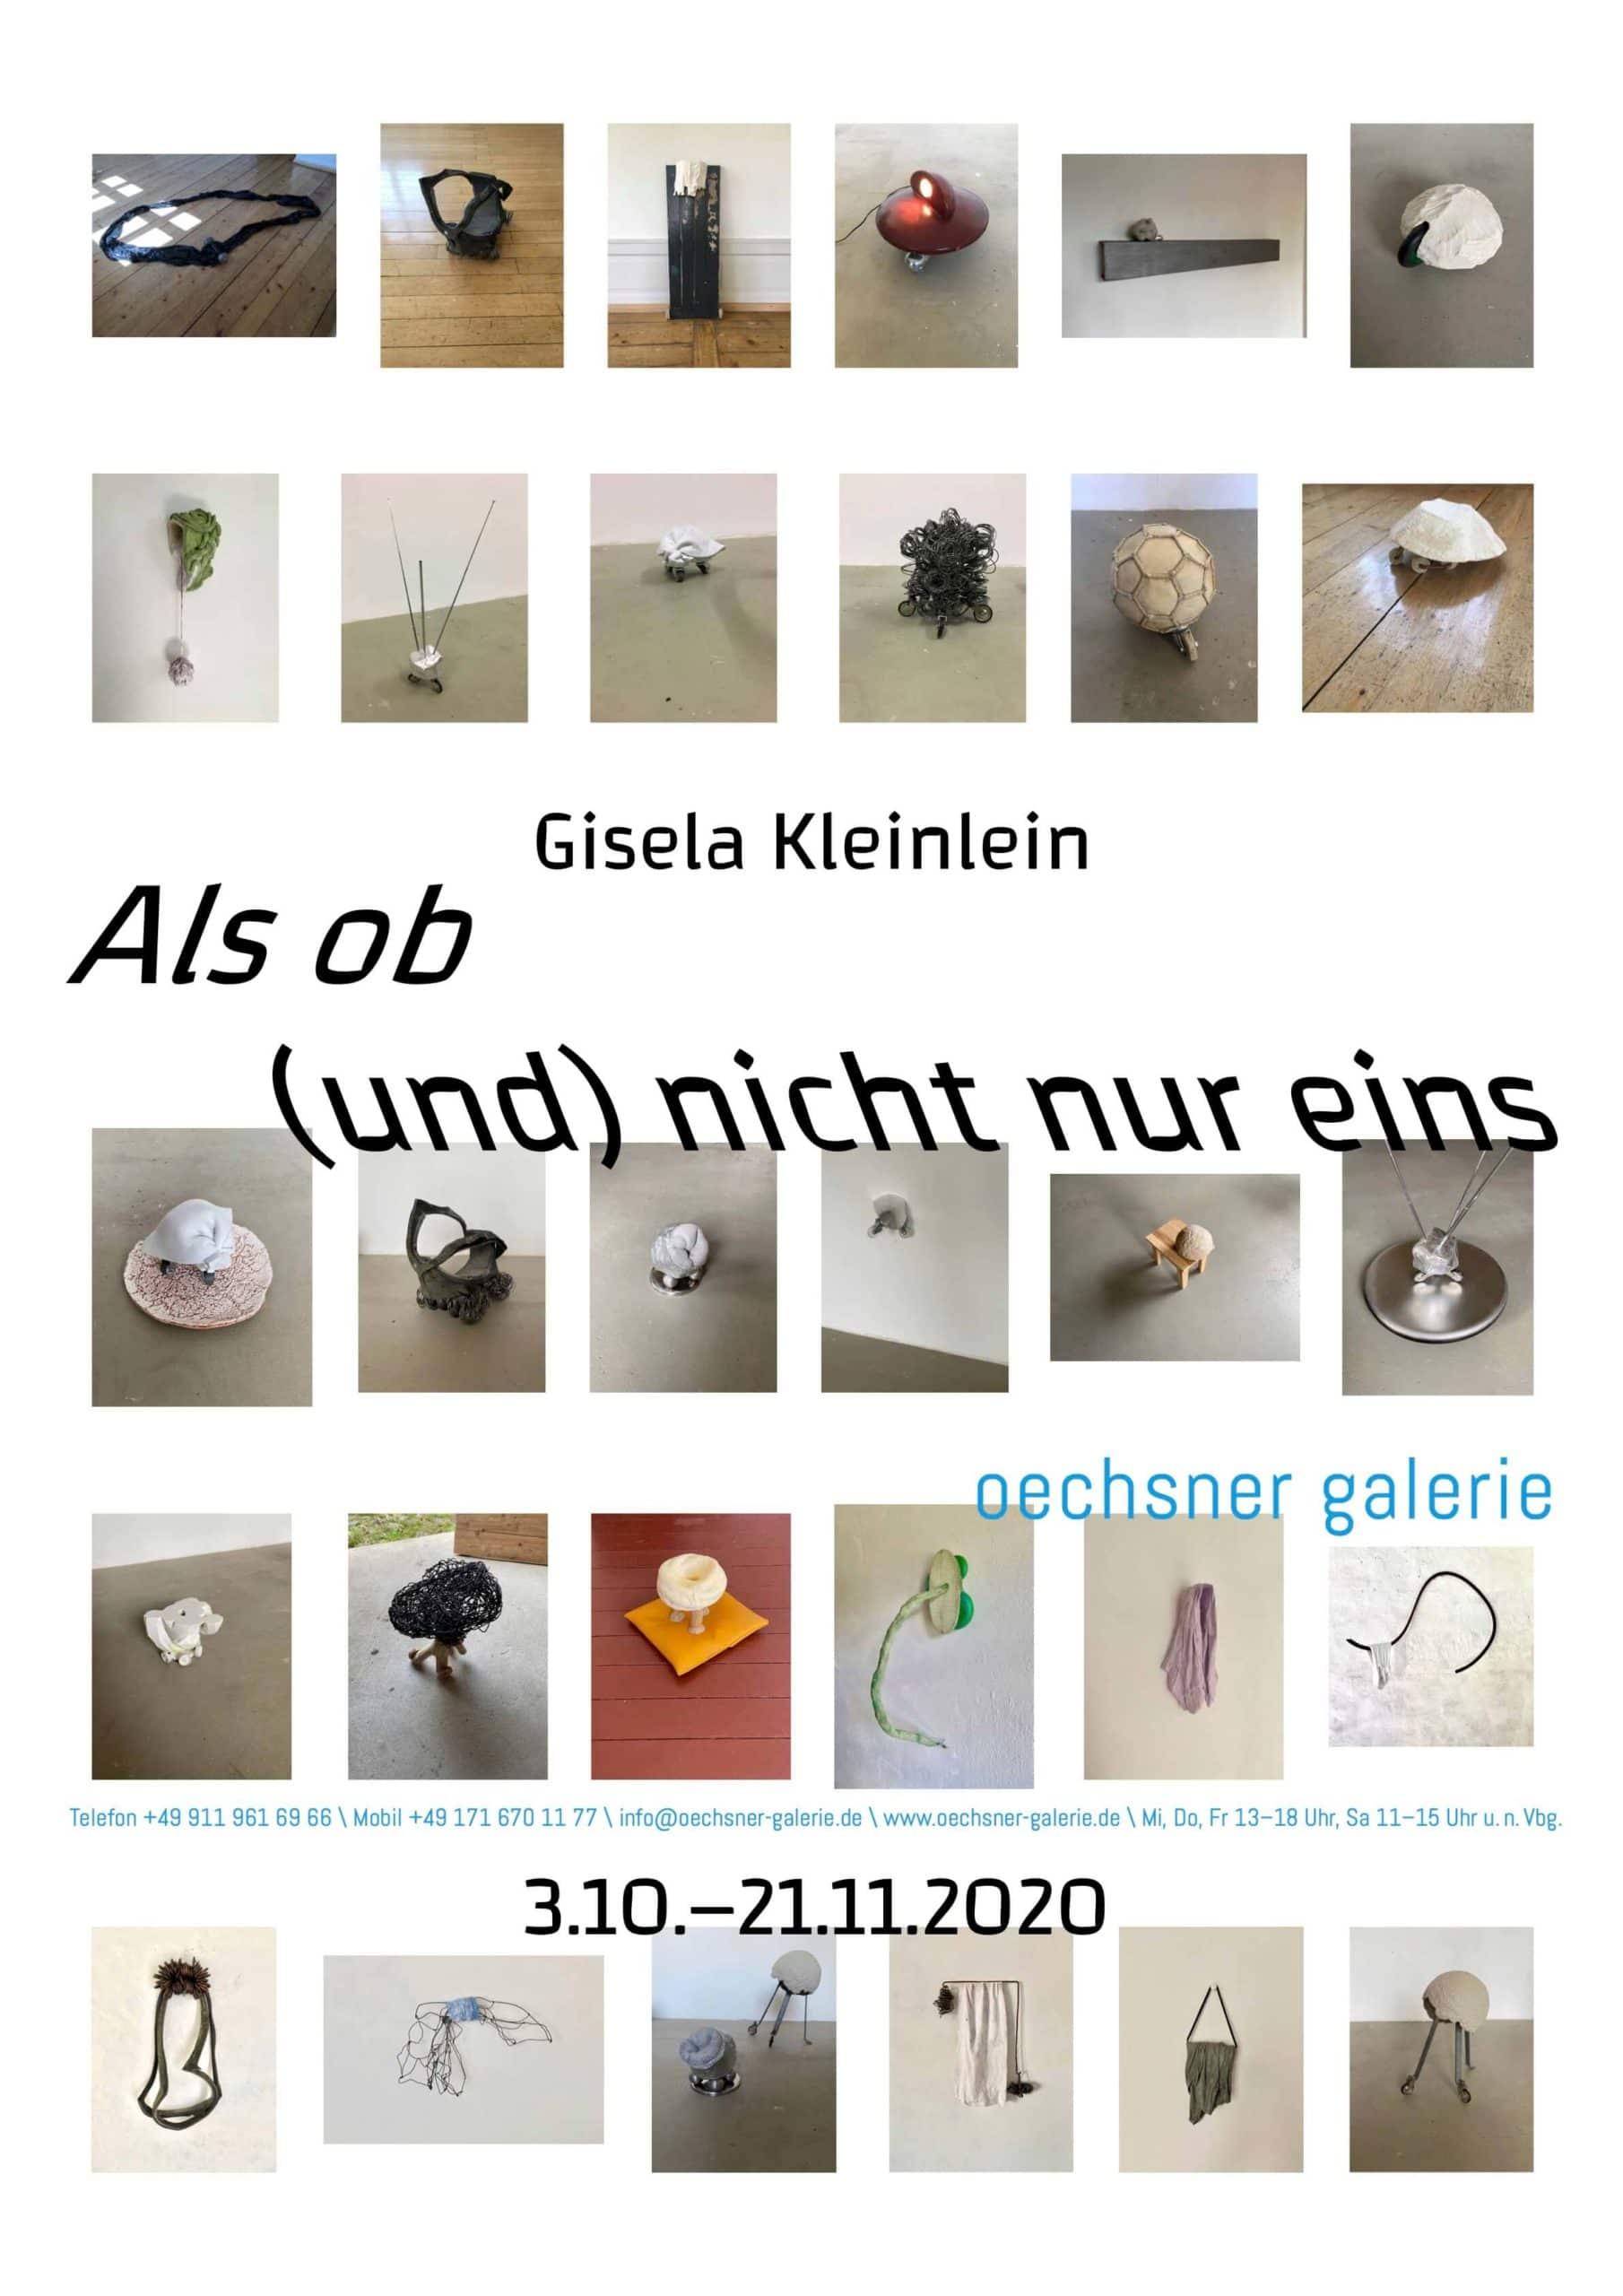 Gisela Kleinlein - als ob (und) nicht nur eins, oechsner galerie